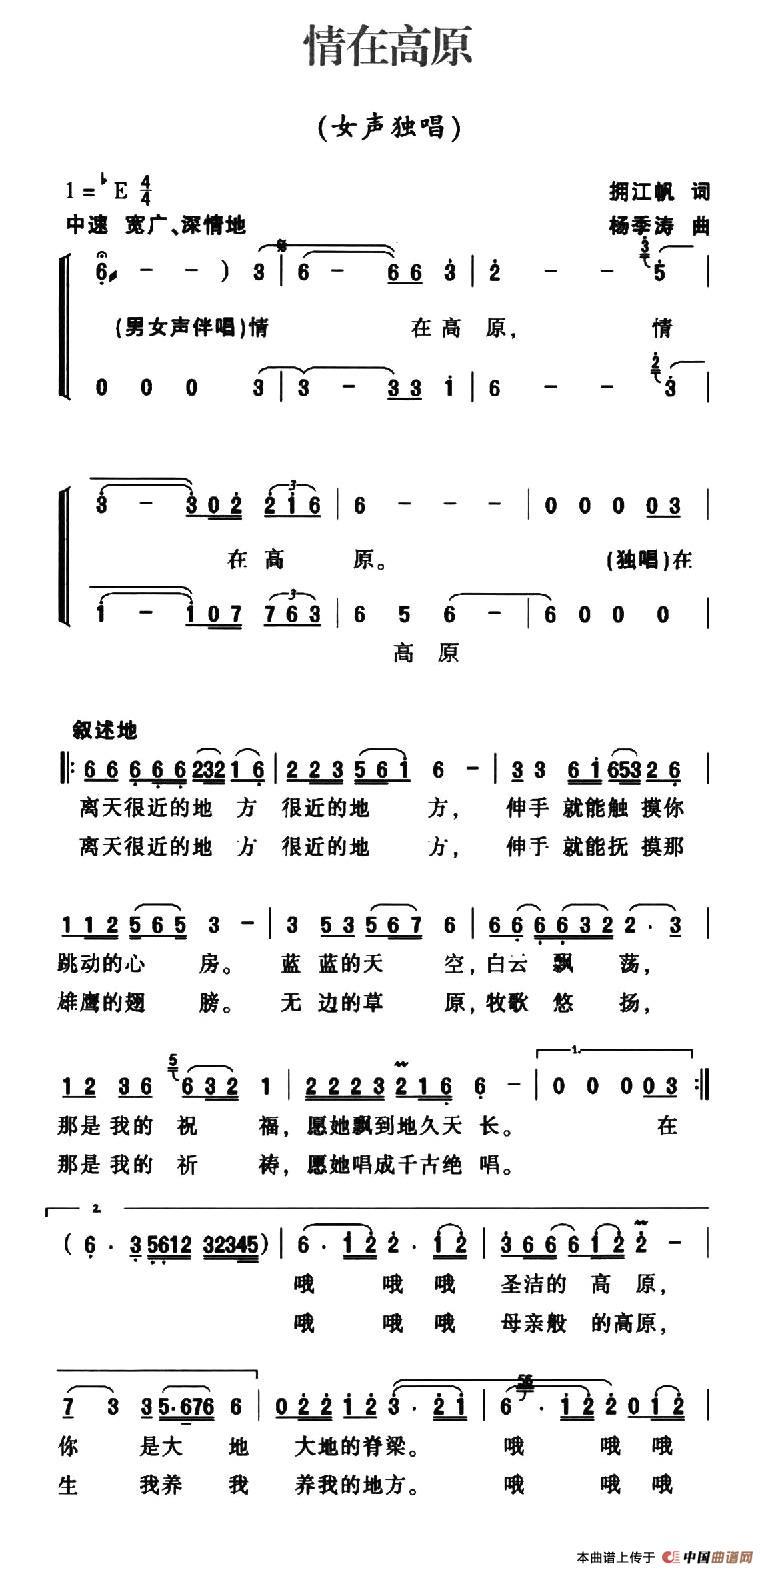 情在高原(拥江帆词 杨季涛曲)(1)_原文件名:1.jpg